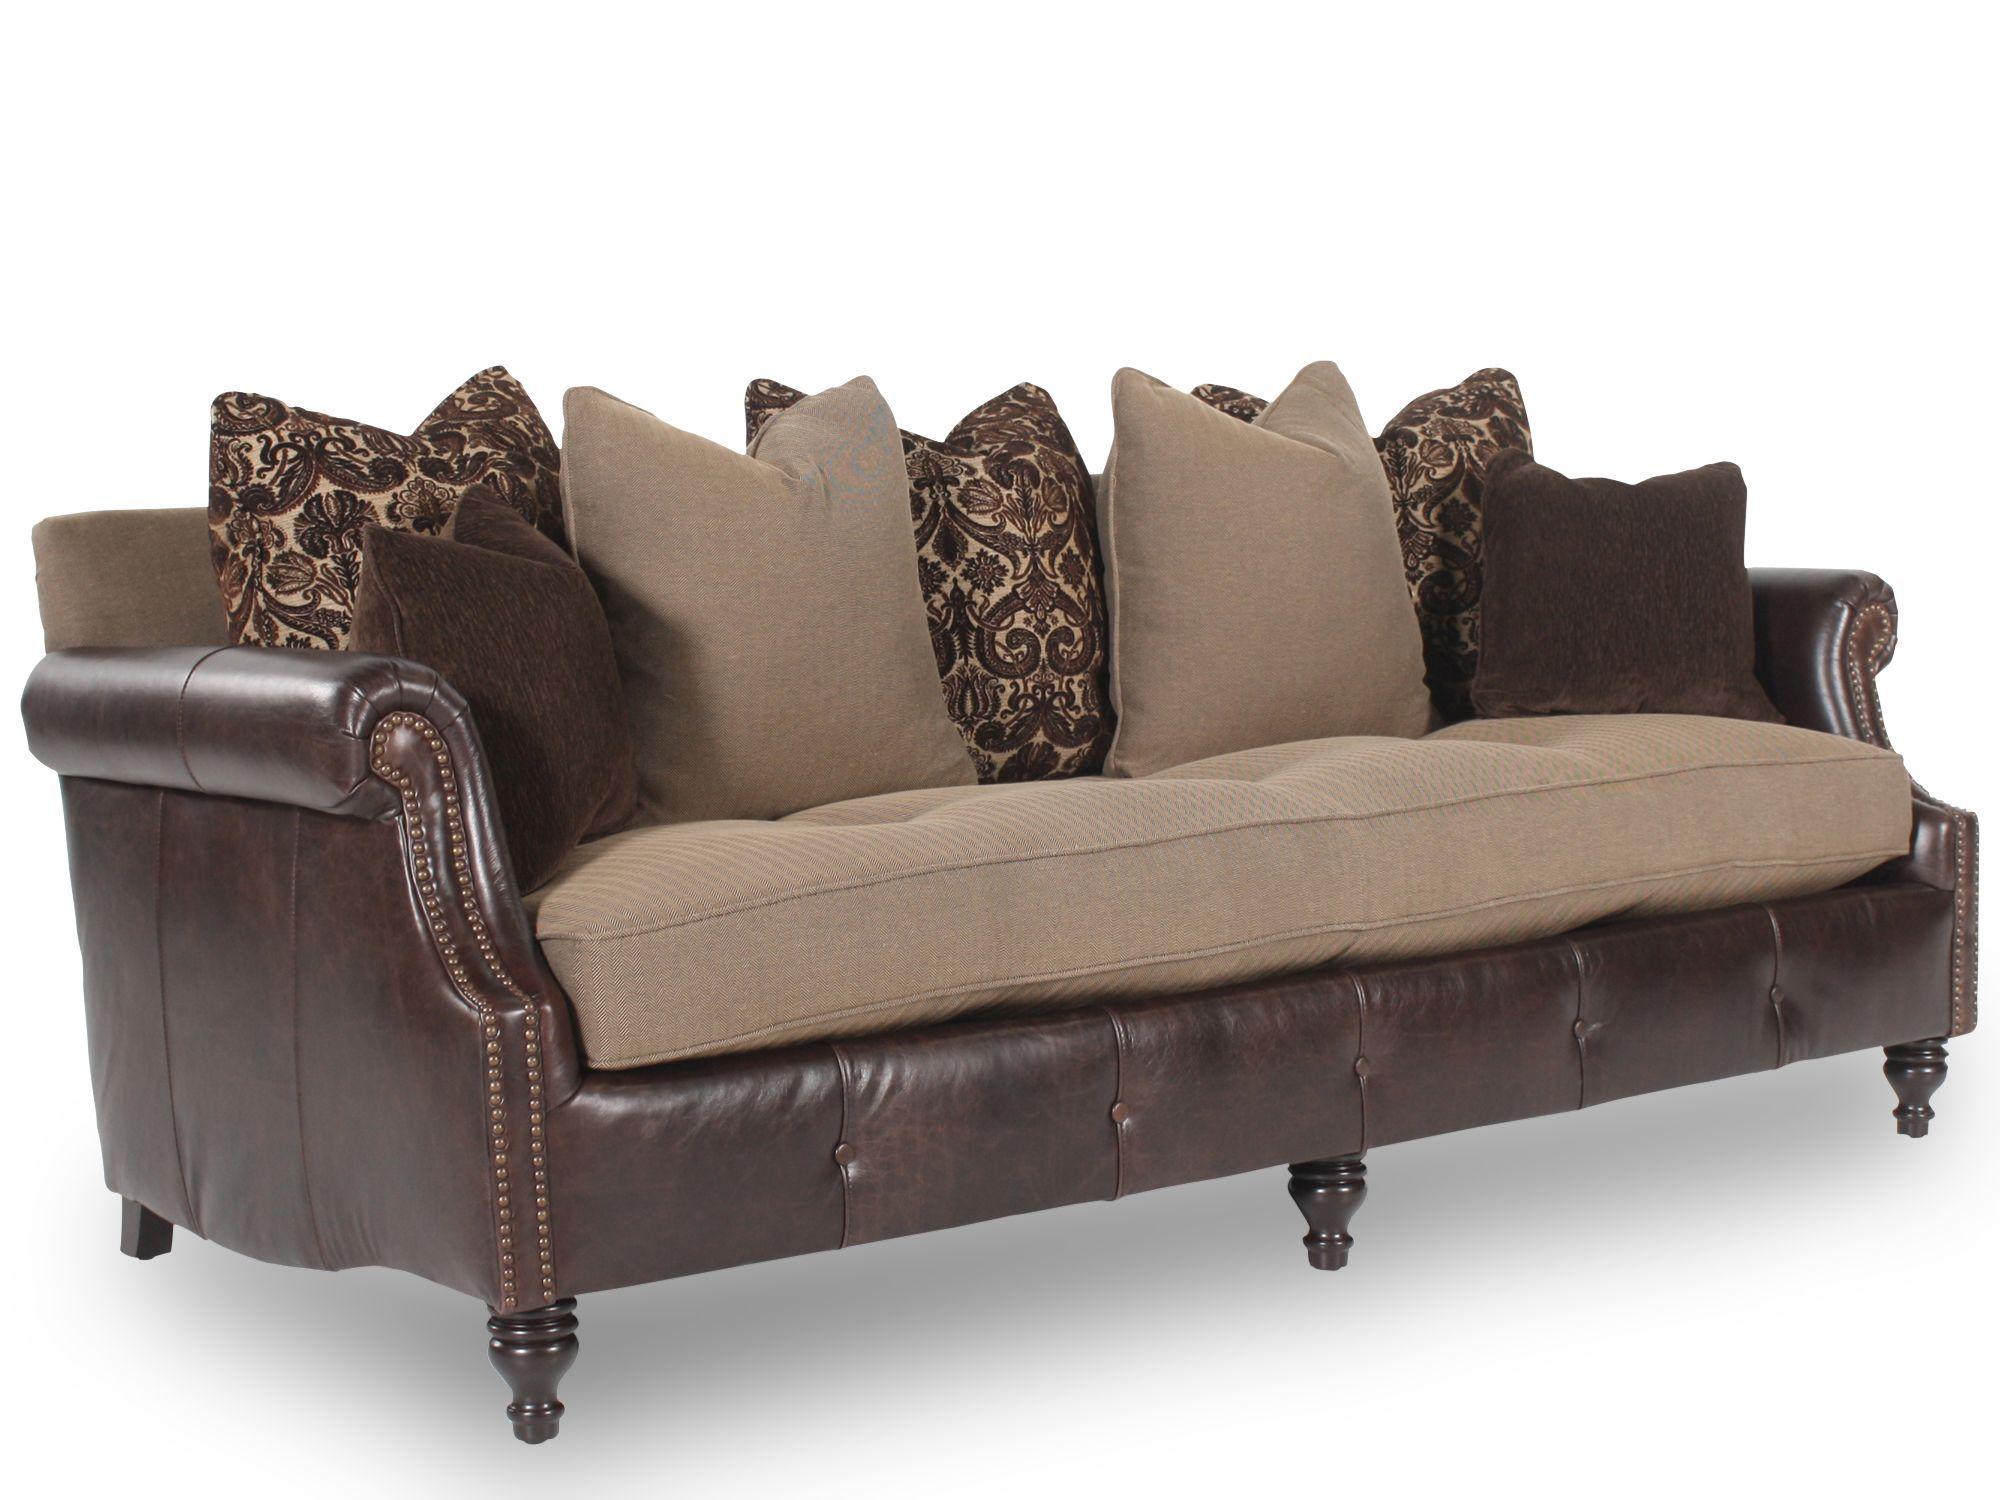 Unique Mathis Brothers Furniture